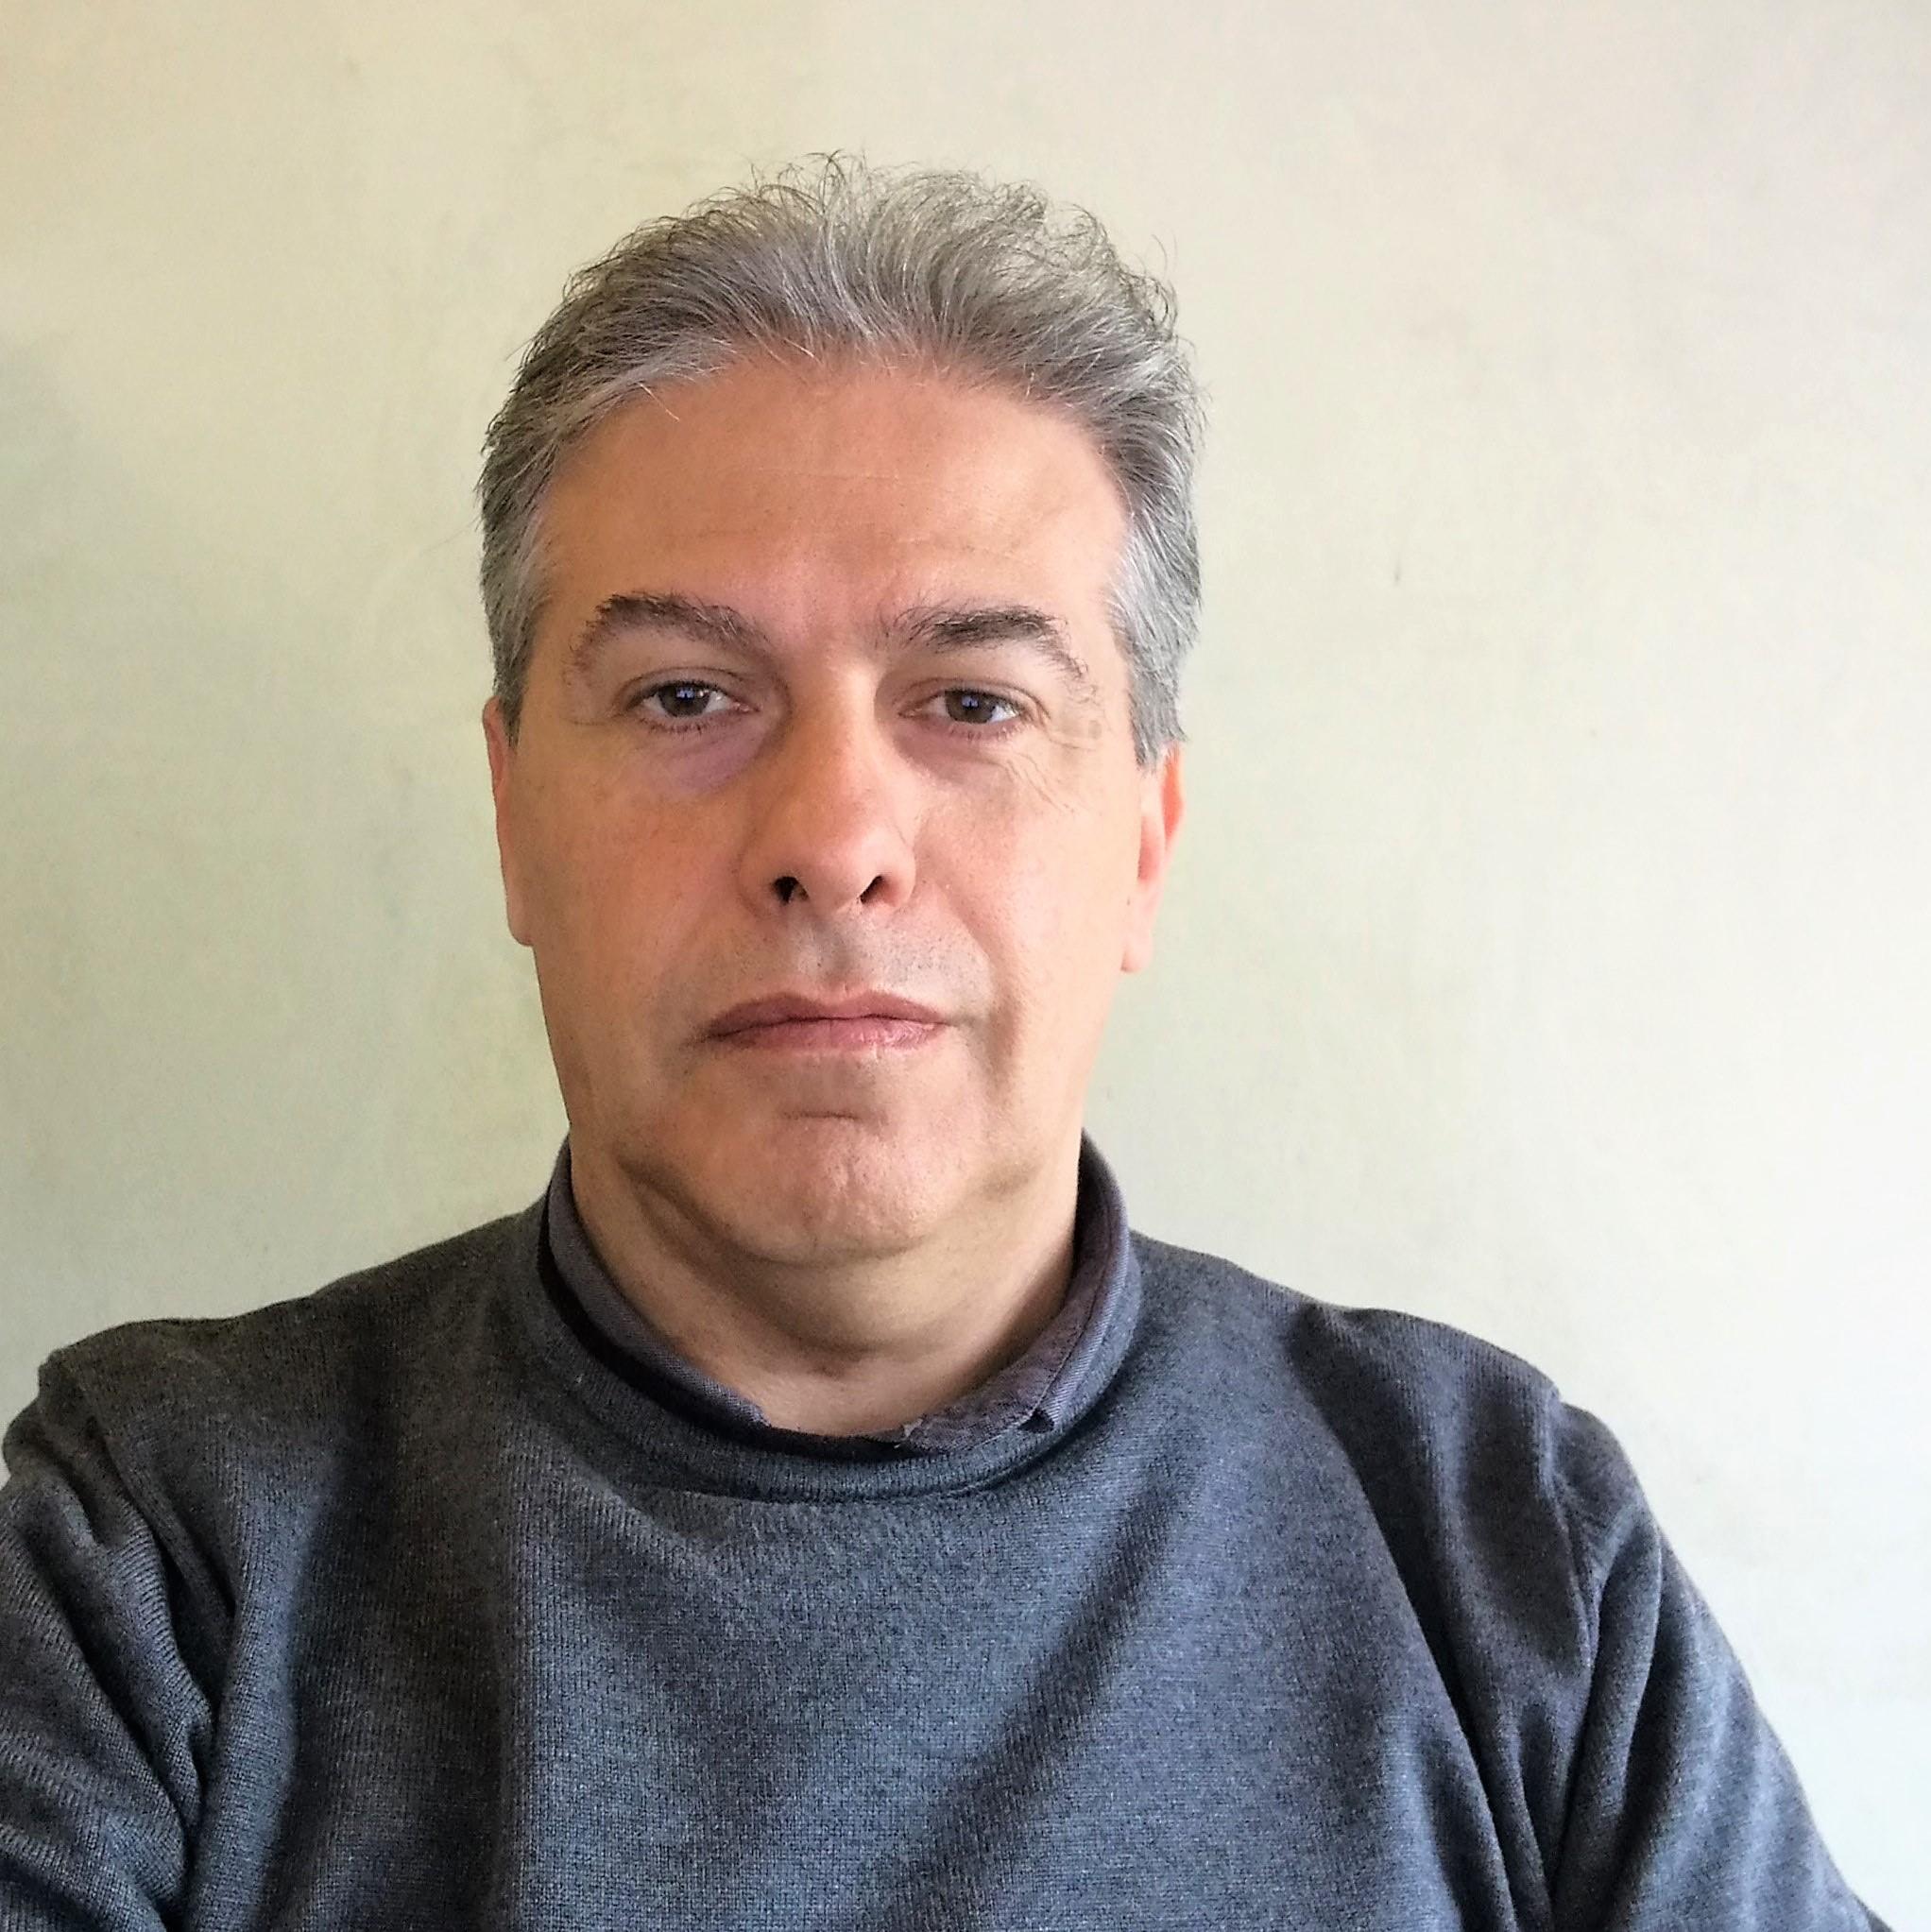 Roberto Silvestrini